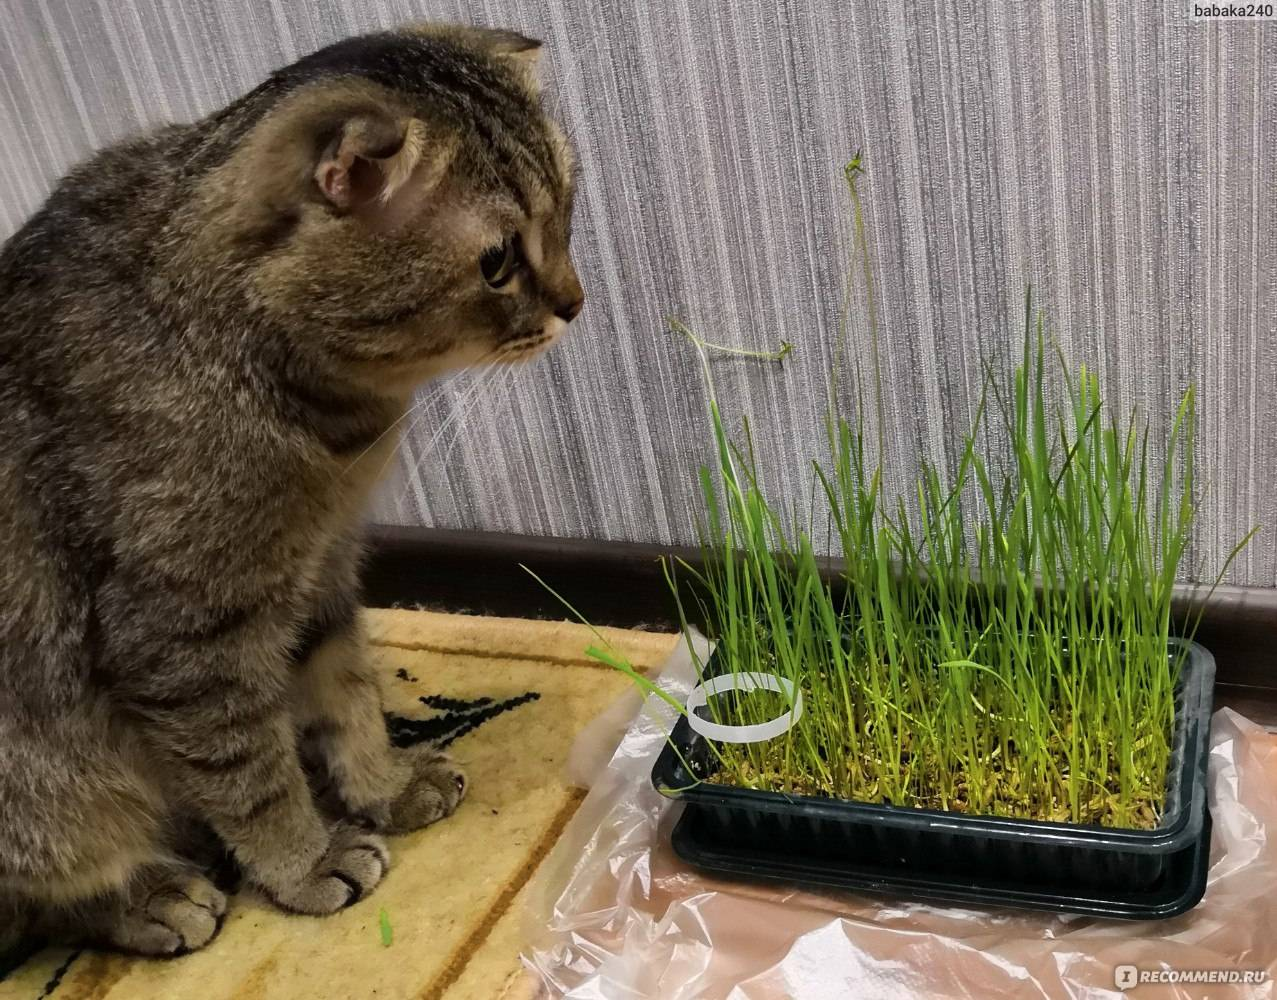 Трава для кошек: какую травку любят и зачем ее едят, как посадить